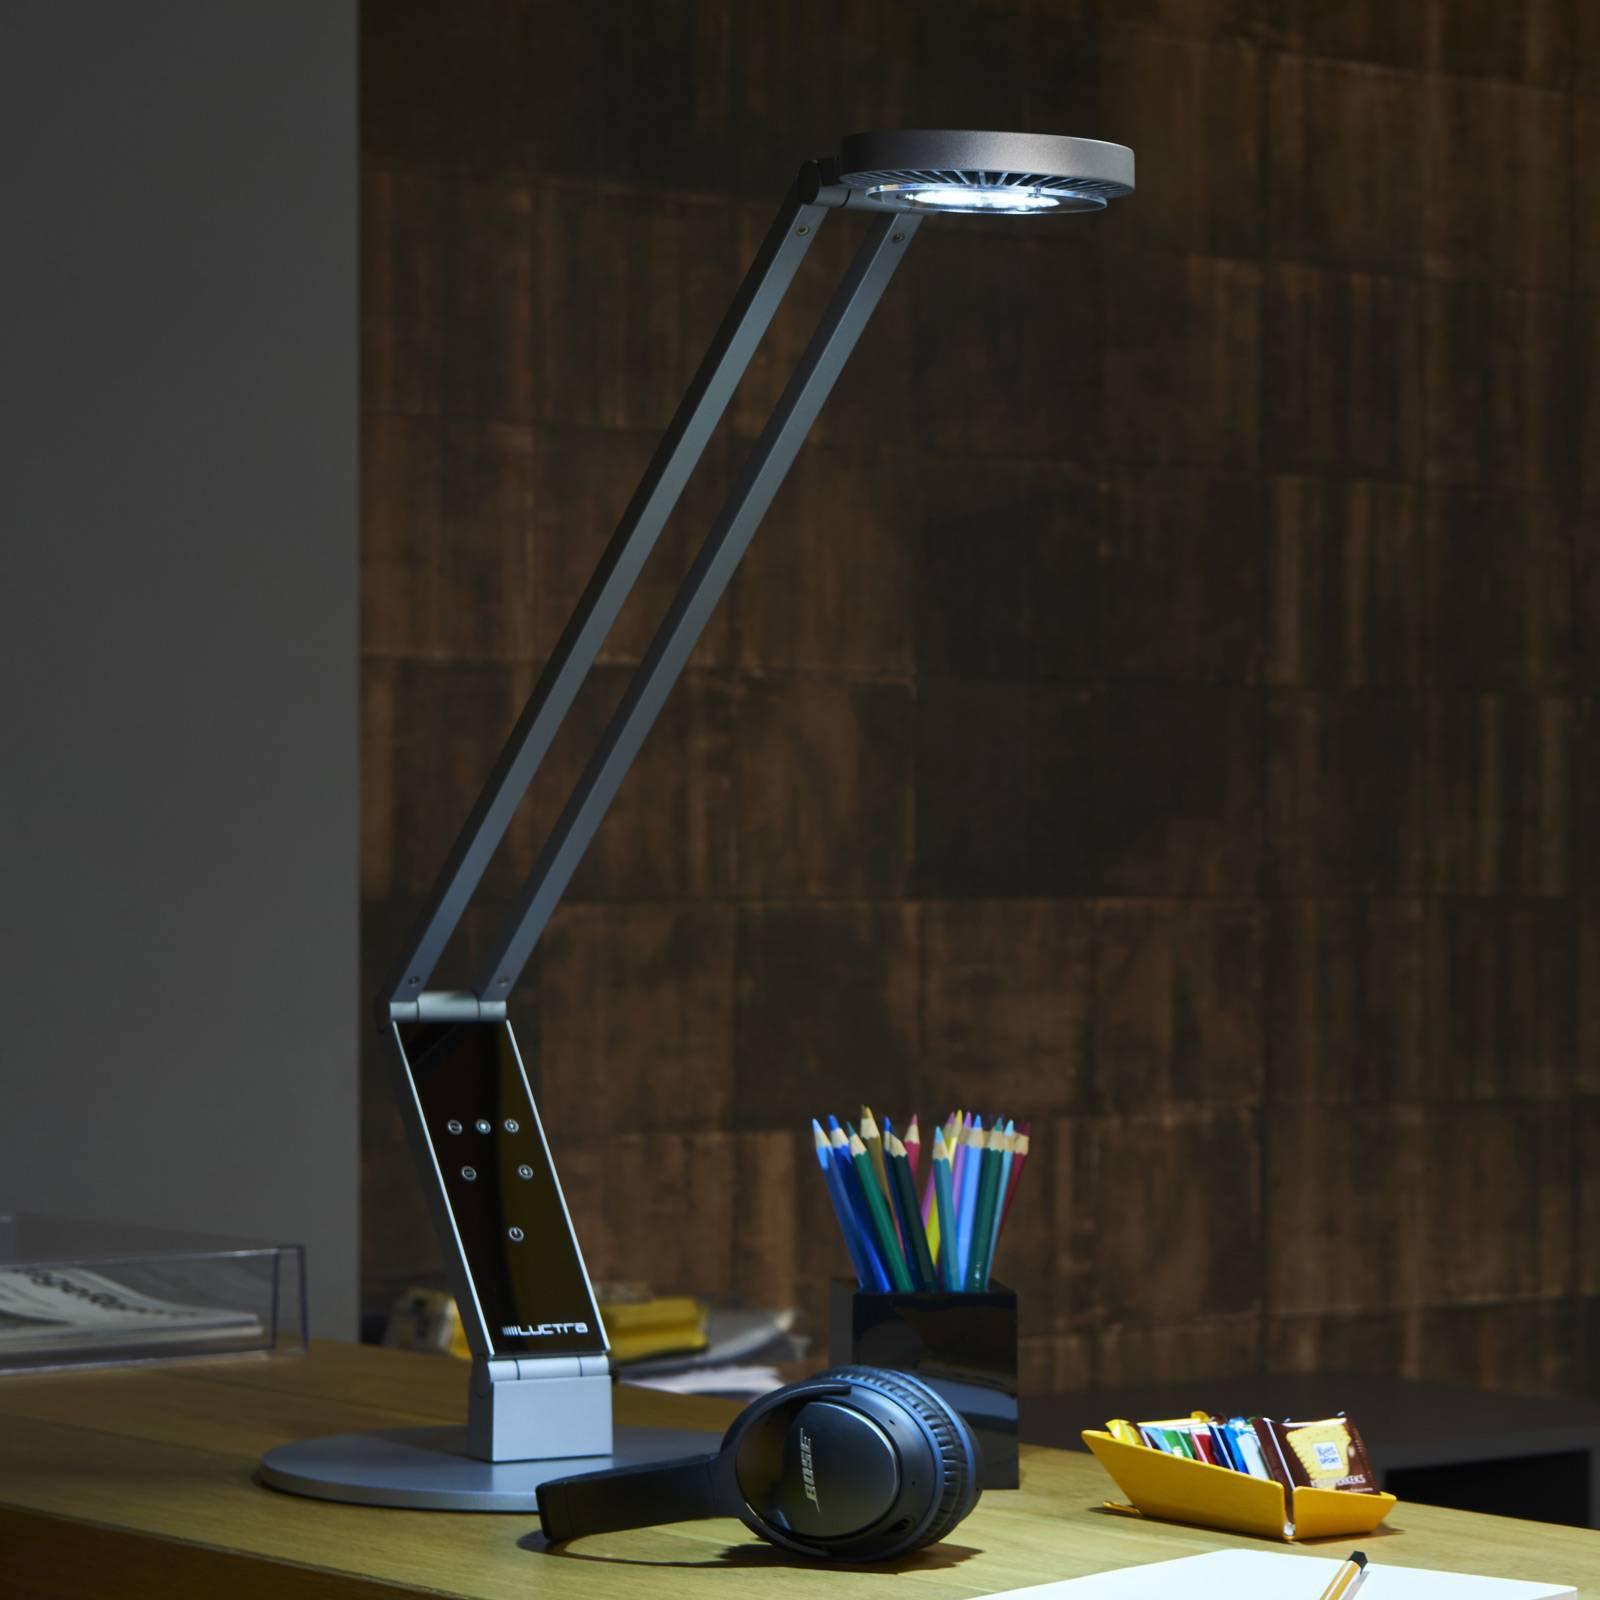 Luctra Tabel Radial LED-bordlampe fot alu